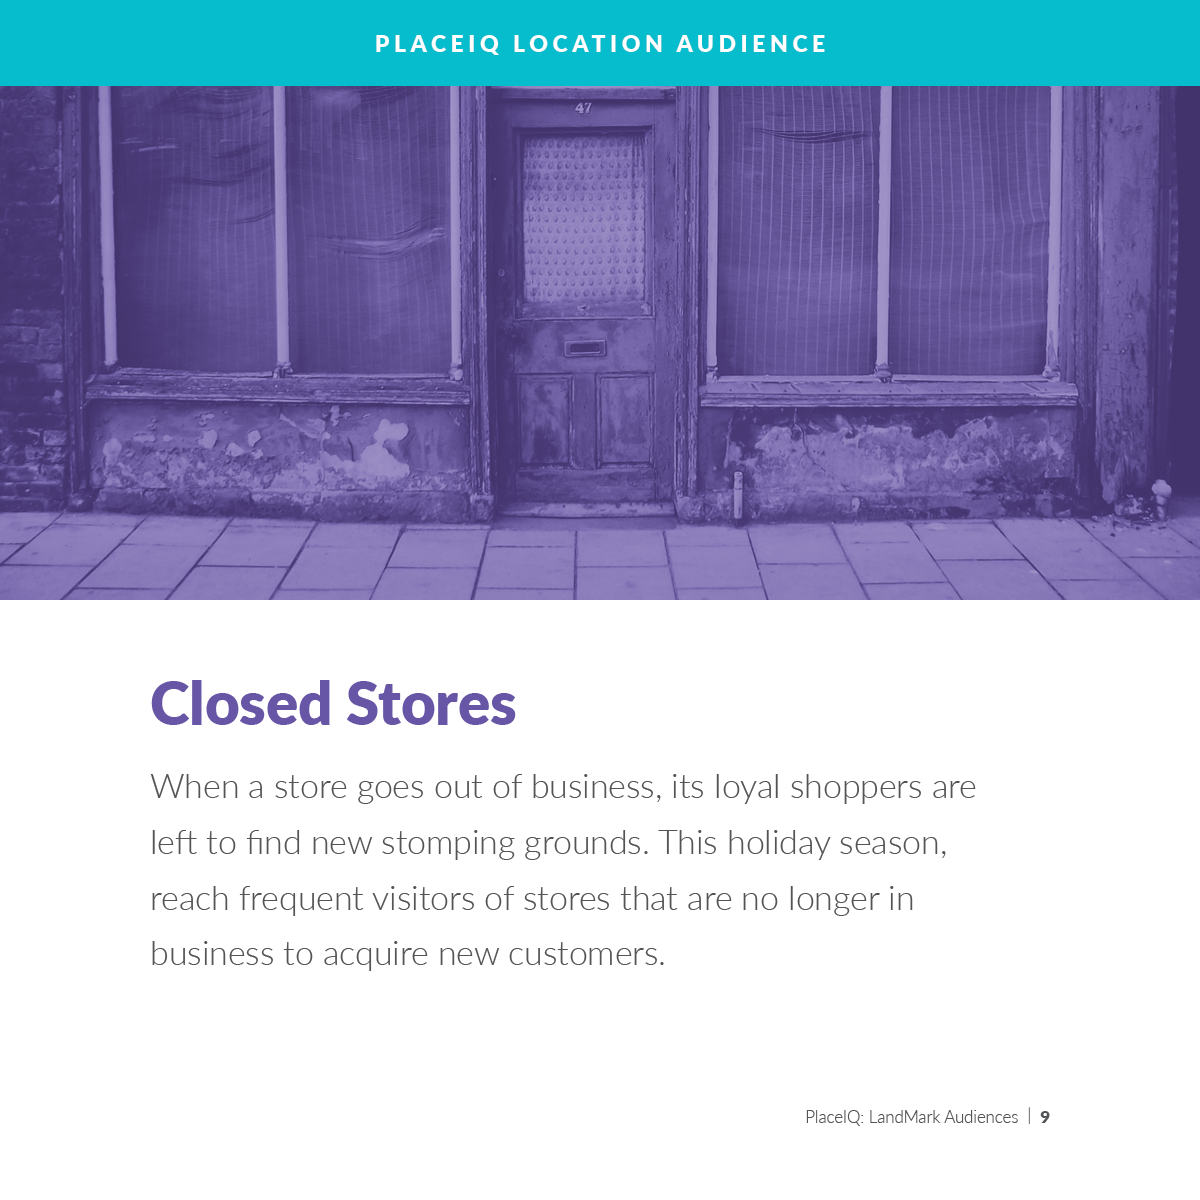 Closed Stores